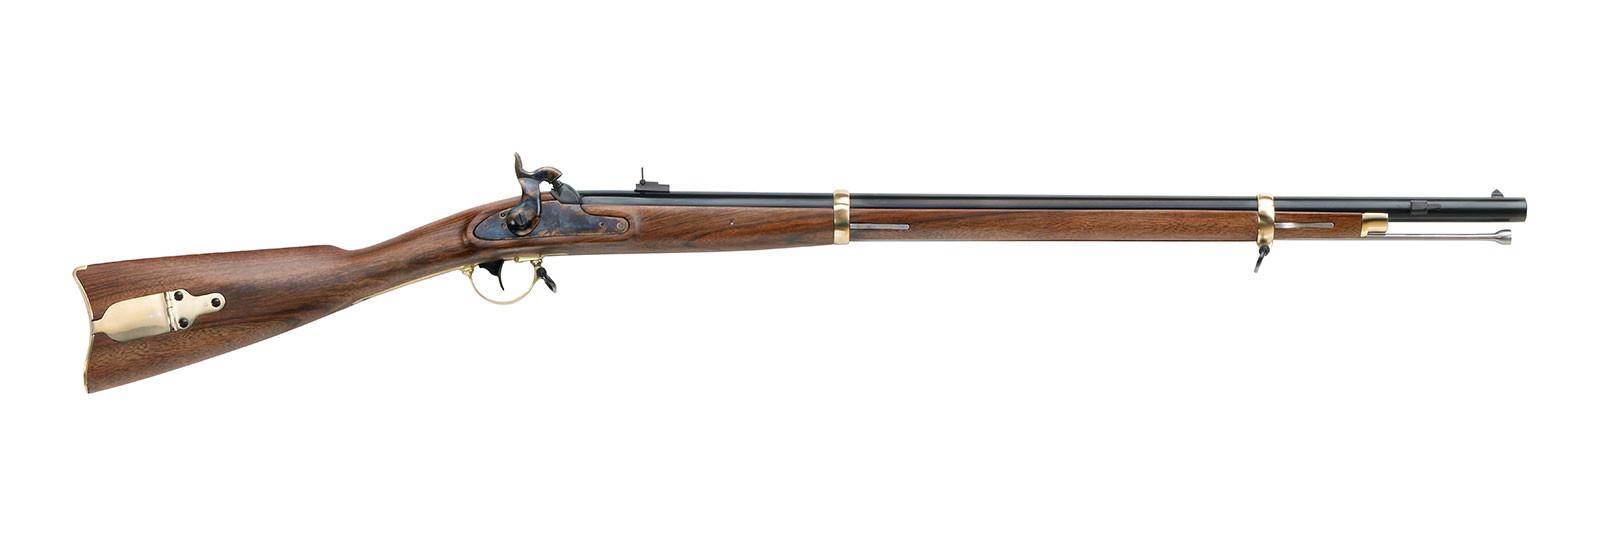 Zouave US model 1863 Rifle